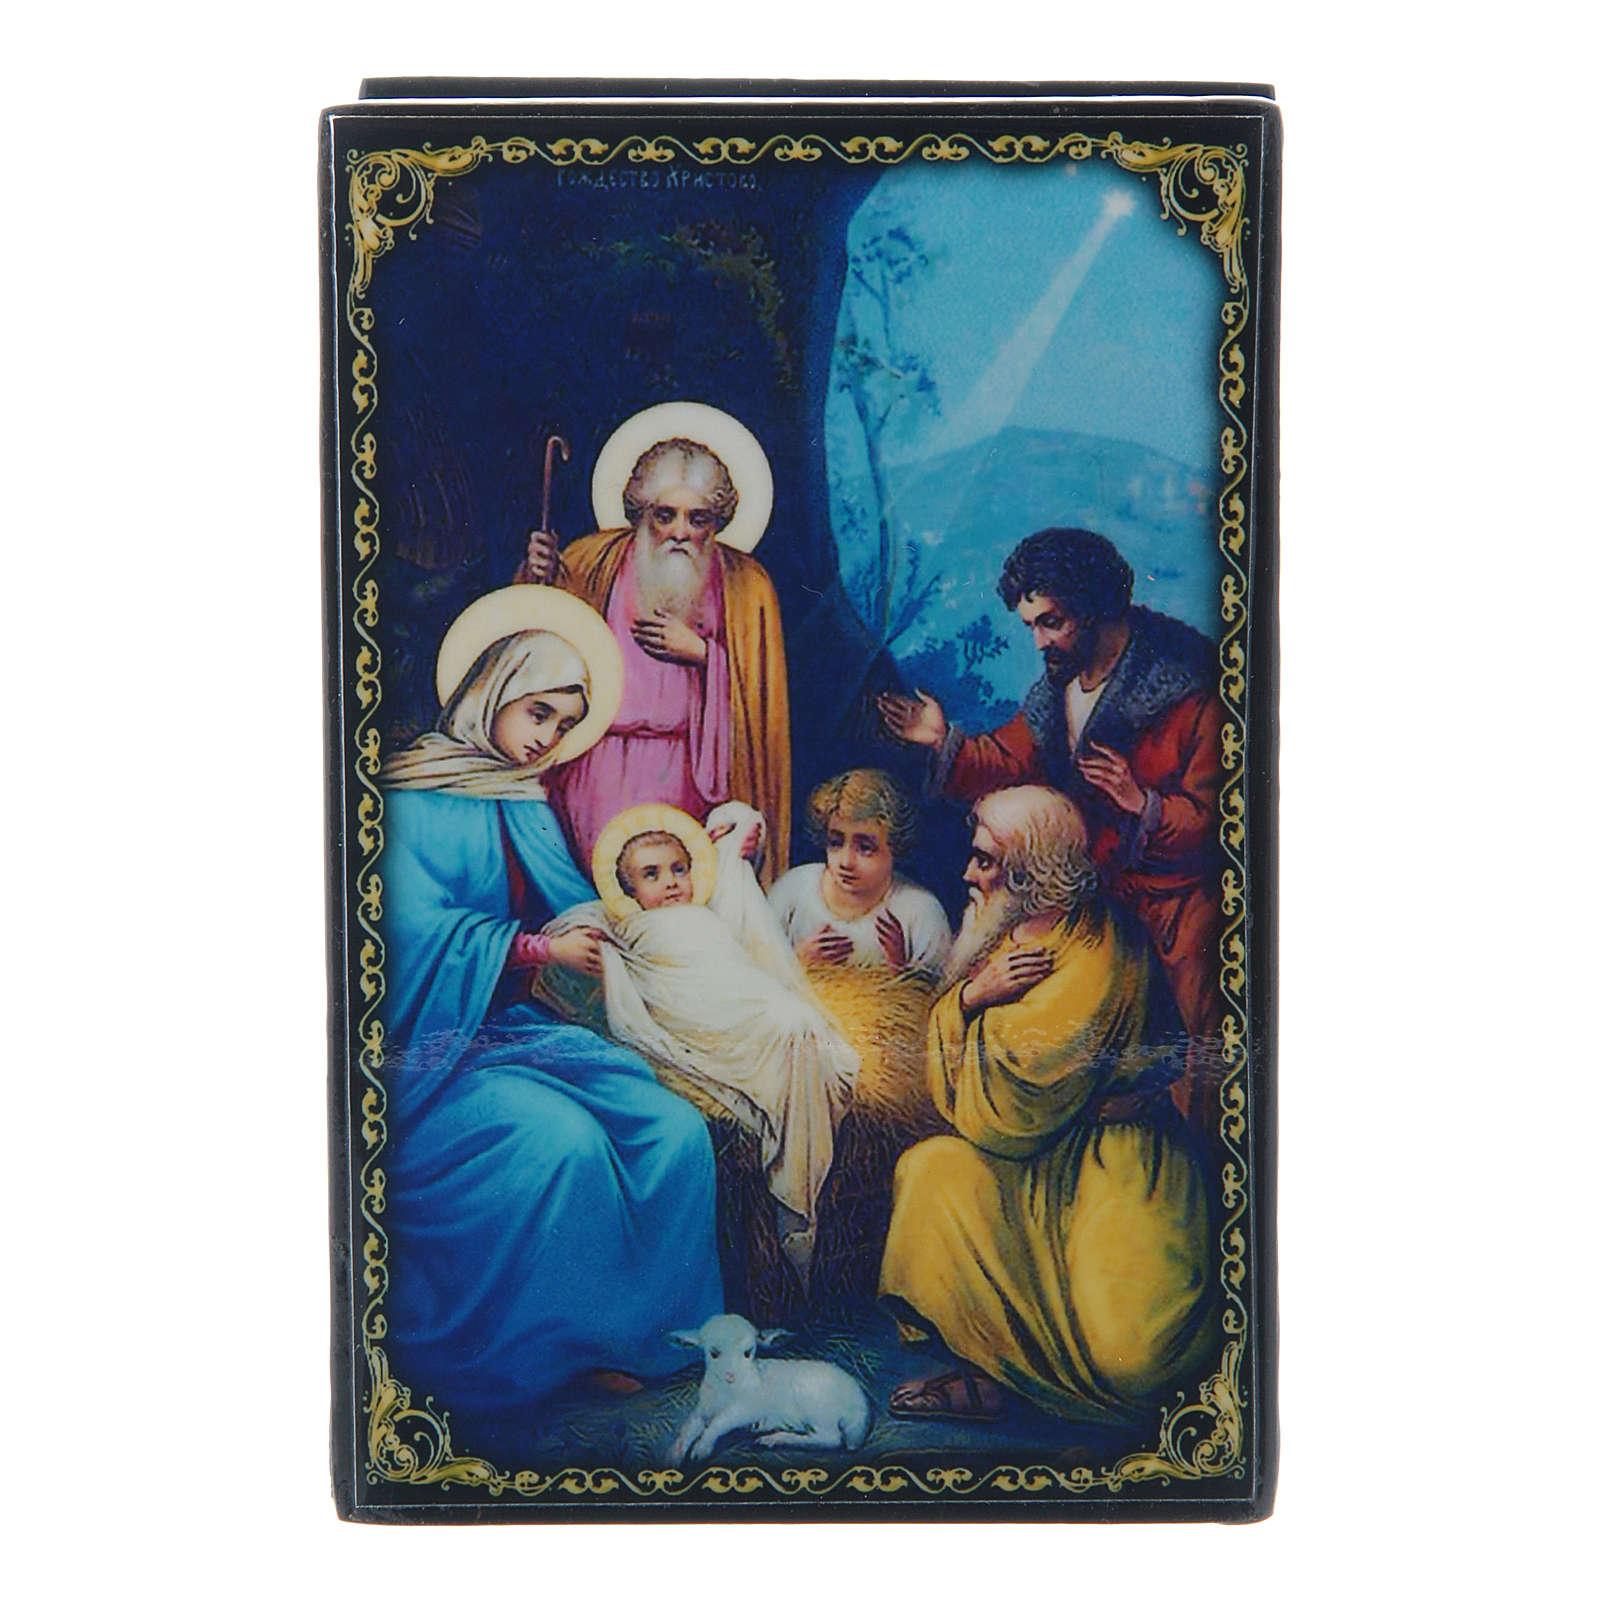 Scatoletta cartapesta russa La Nascita di Gesù Cristo 9X6 cm 4